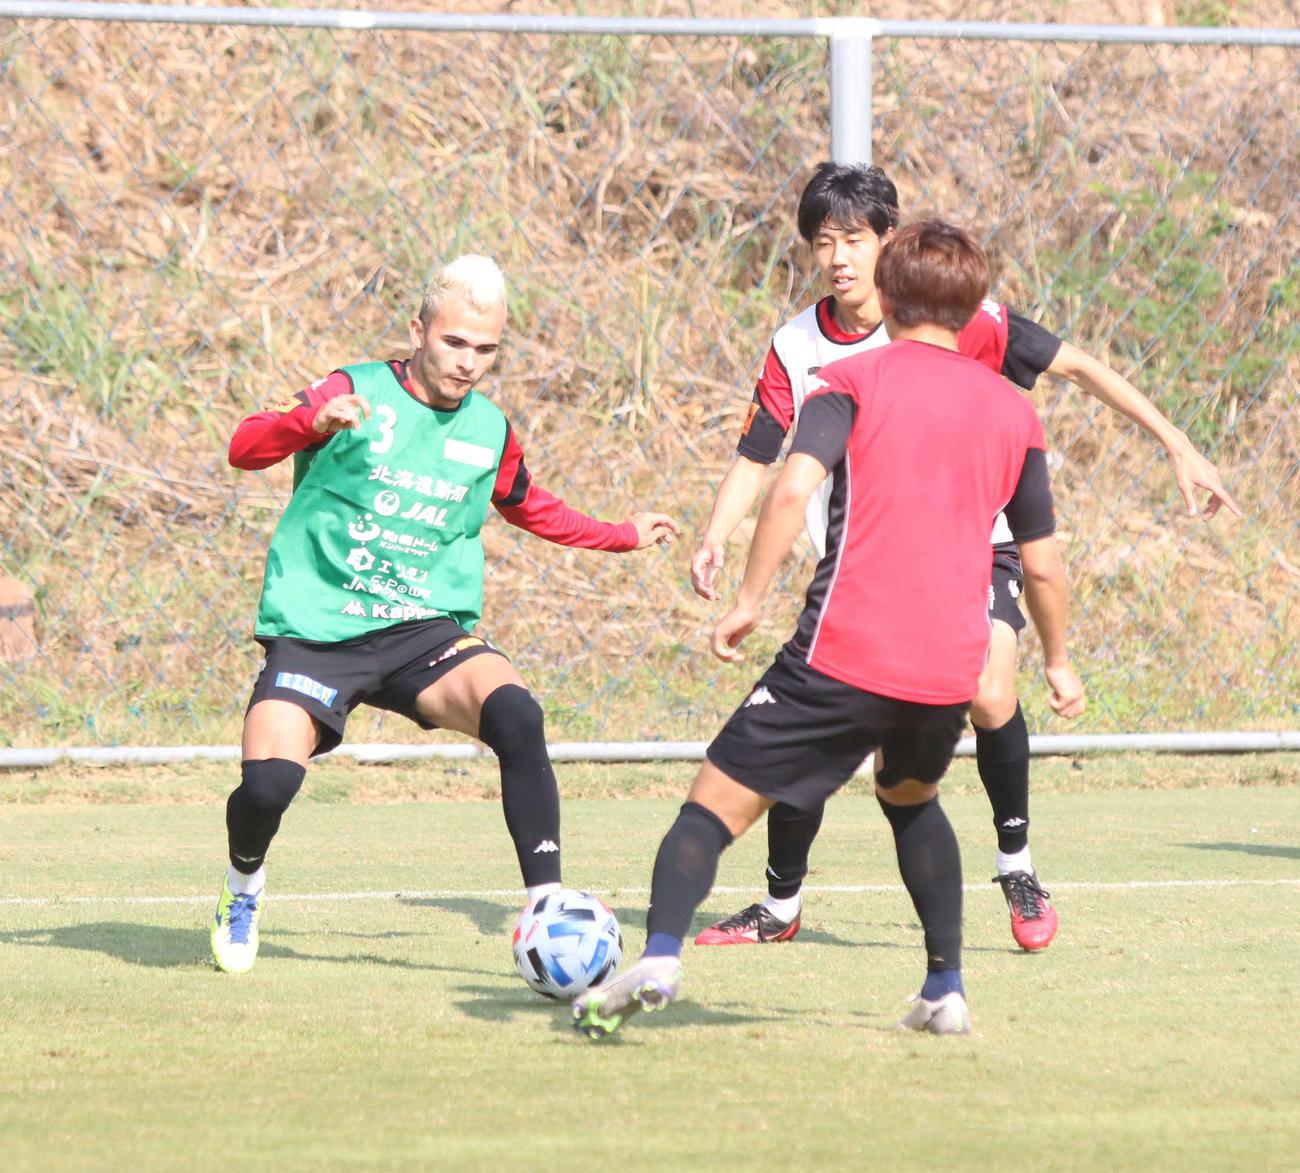 ボールをさばく札幌MFルーカス(左)(撮影・西塚祐司)